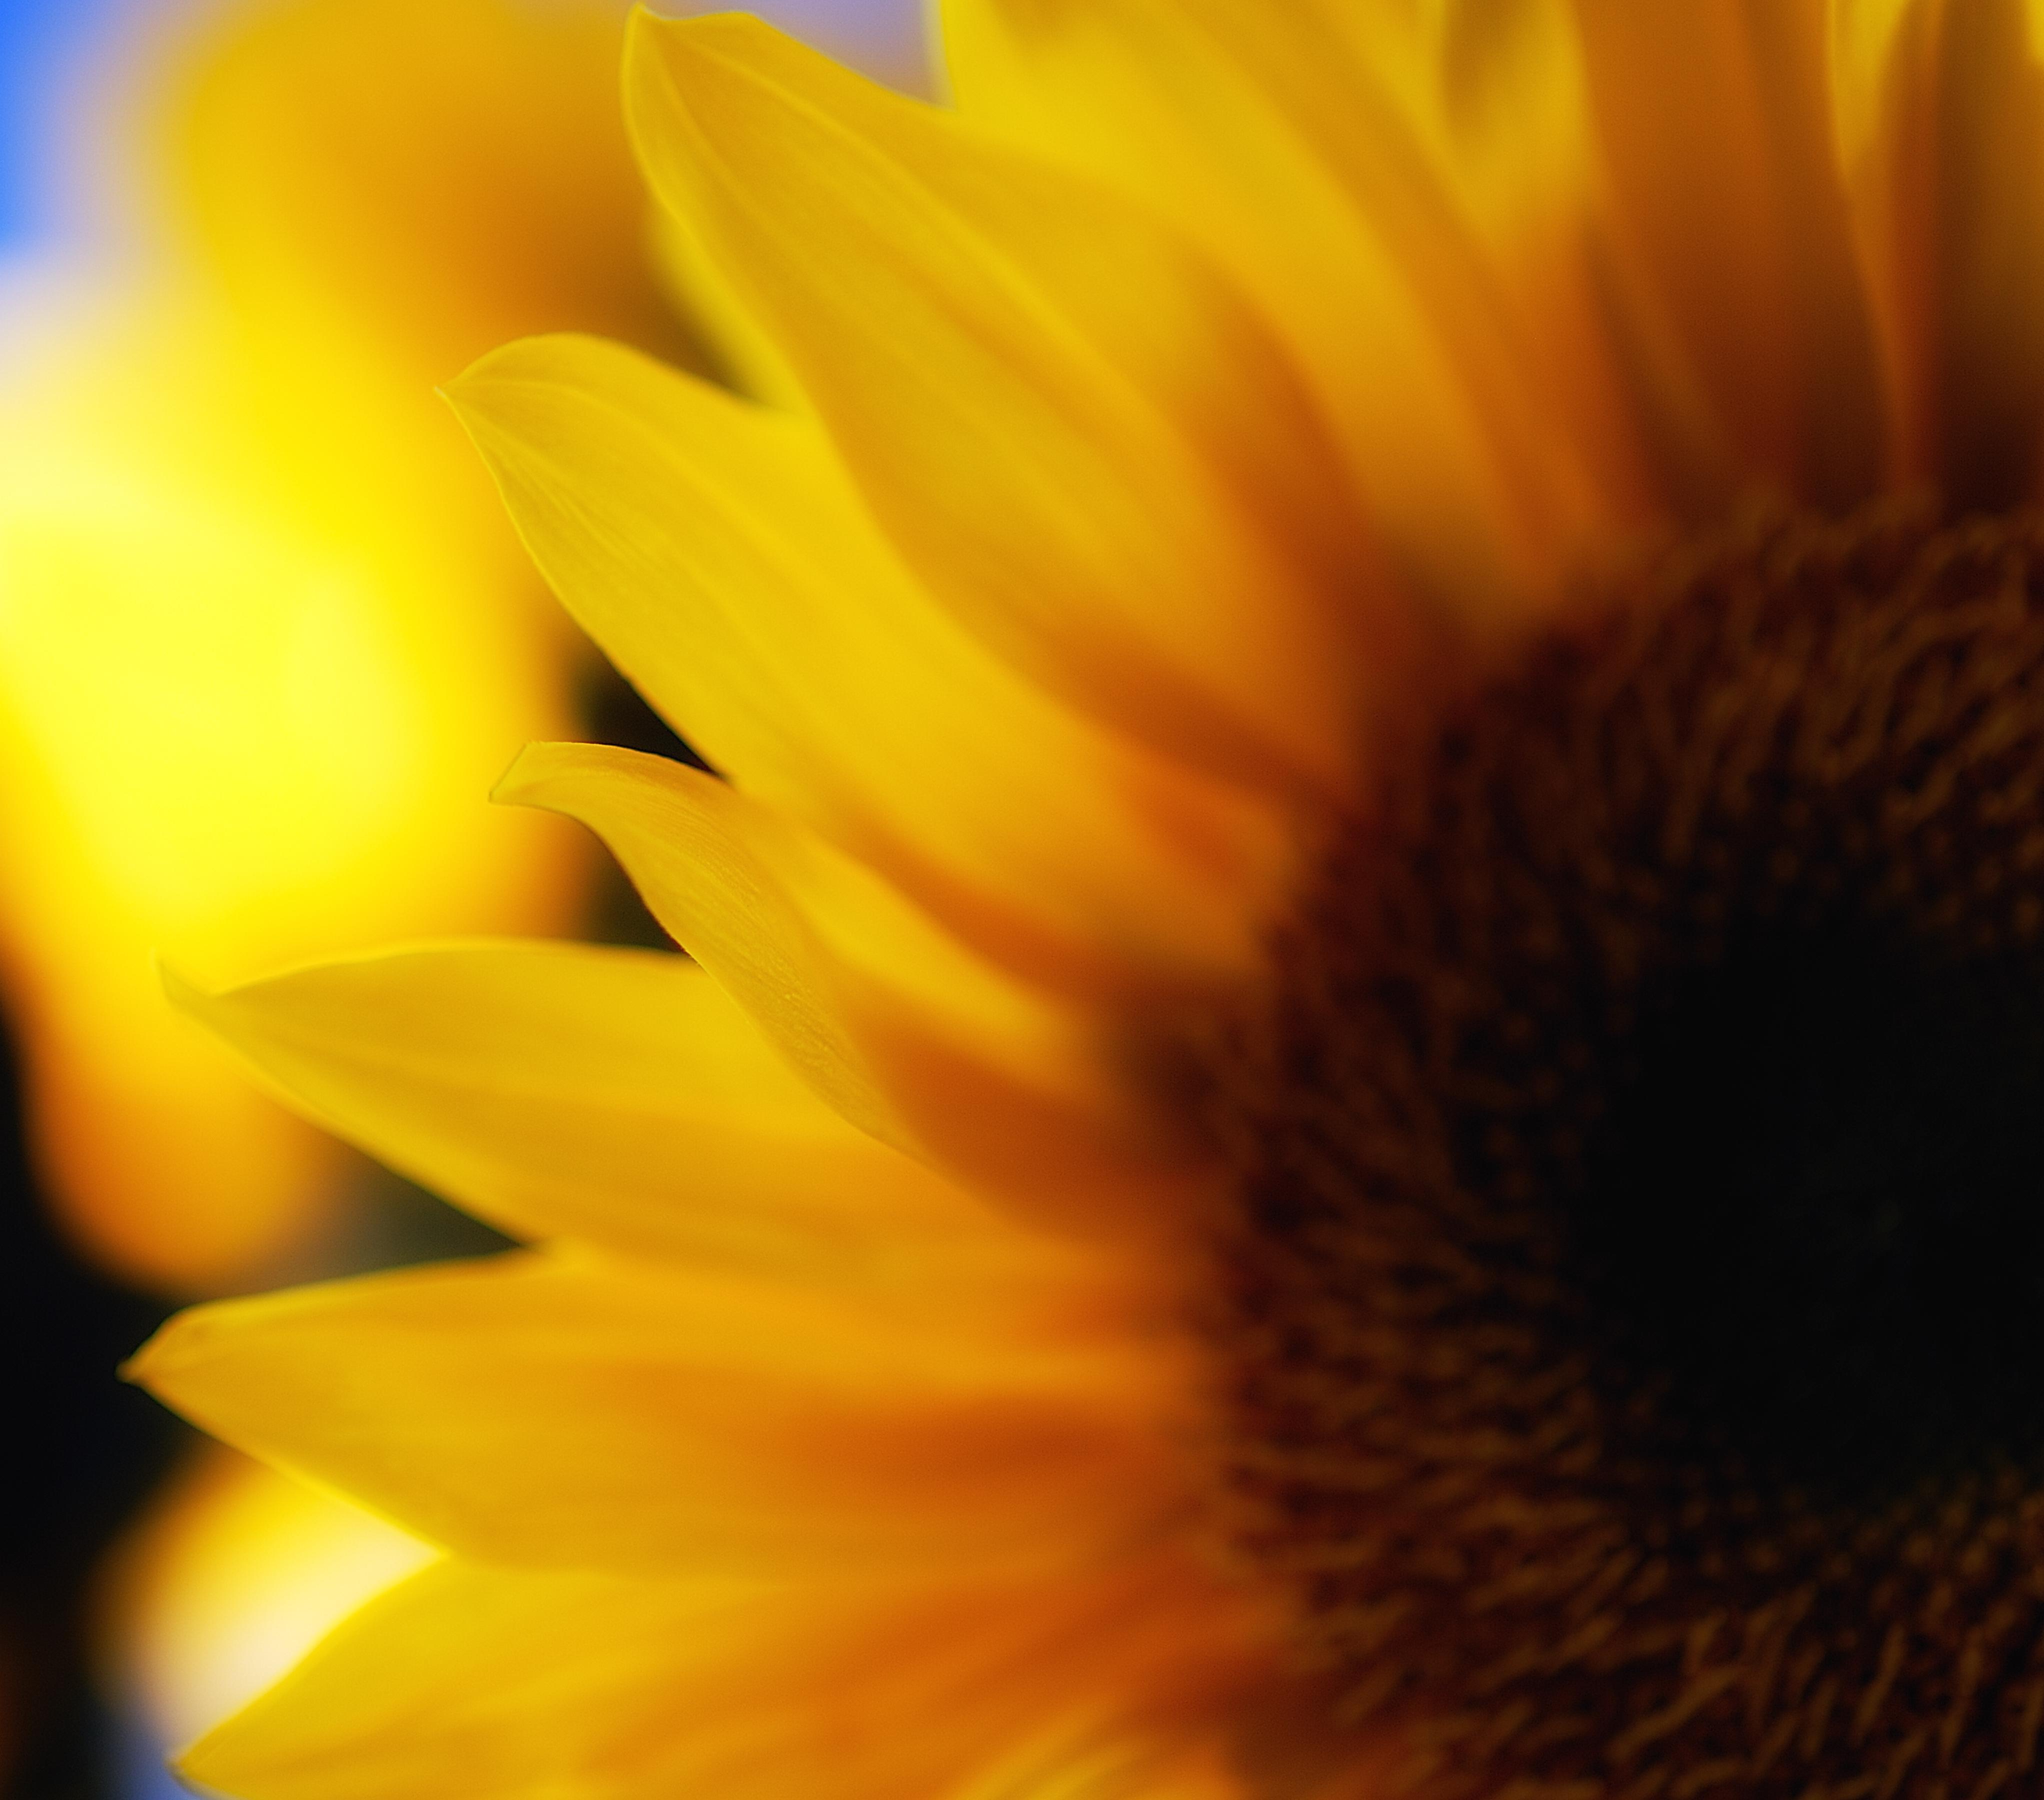 sunflowers_24